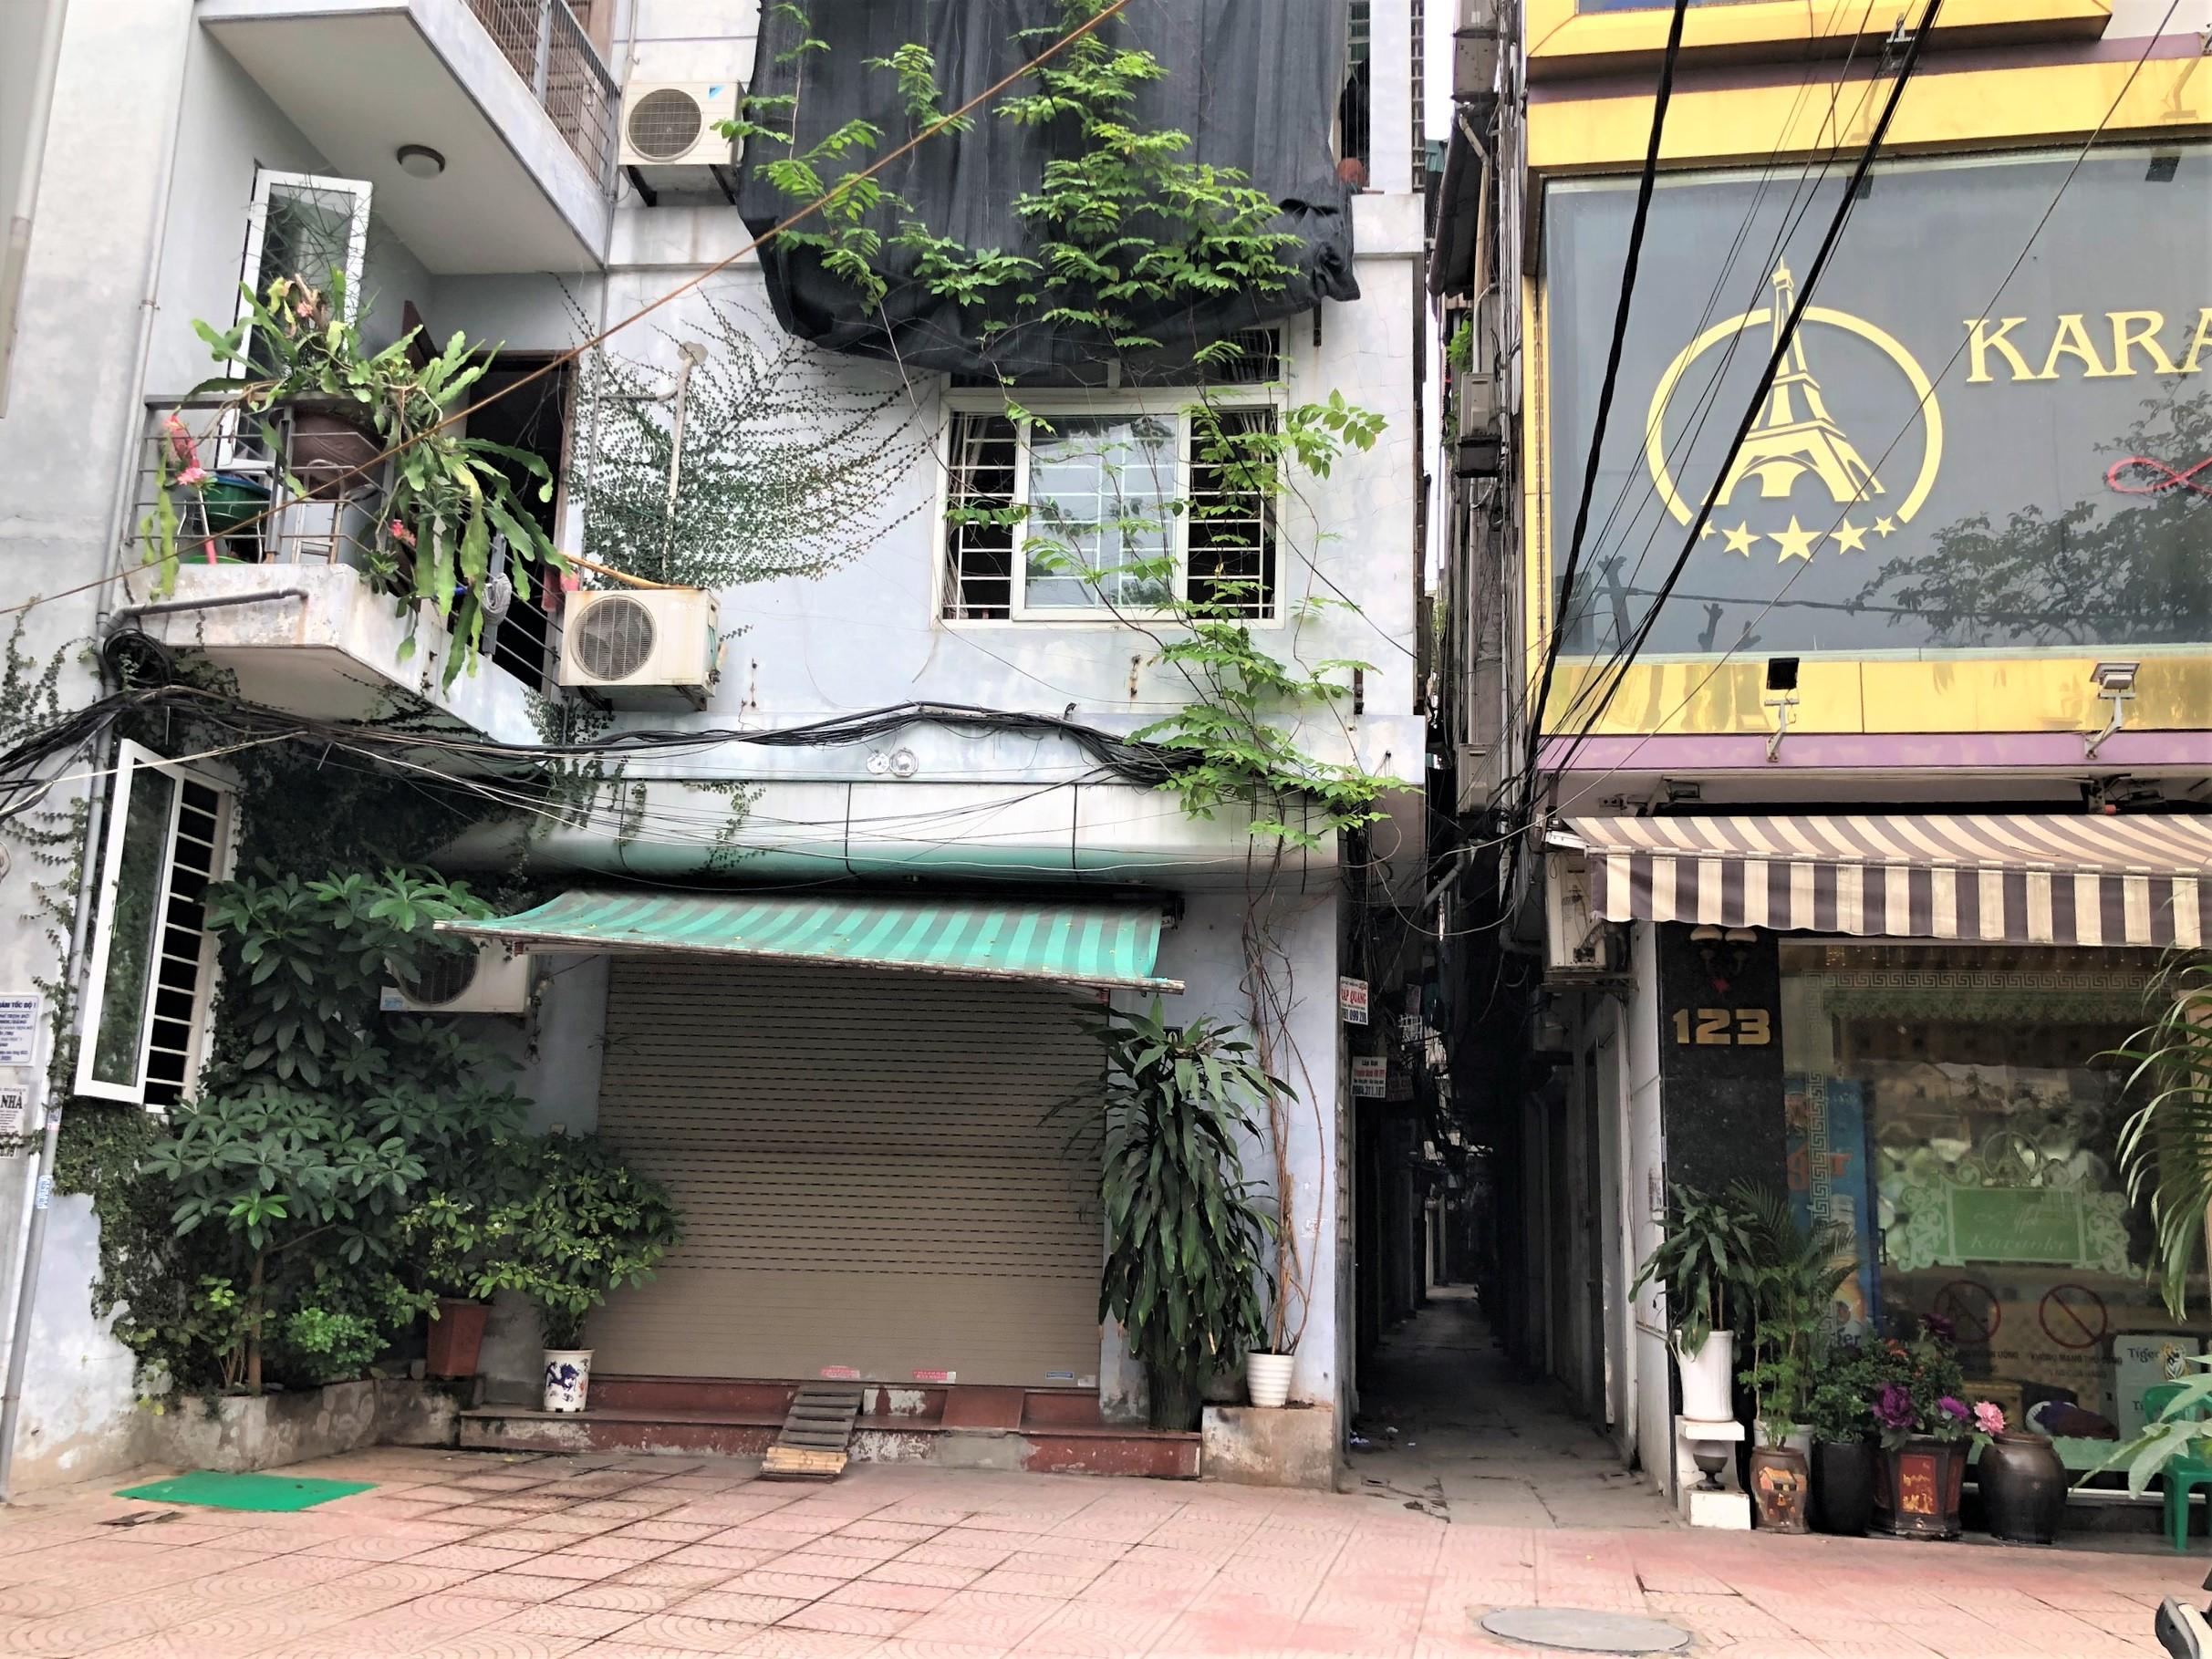 Đường sắp mở theo quy hoạch ở phường Ngọc Hà, Ba Đình, Hà Nội (phần 2): Đường nối ngõ 279 Đội Cấn - phố Ngọc Hà  - Ảnh 9.